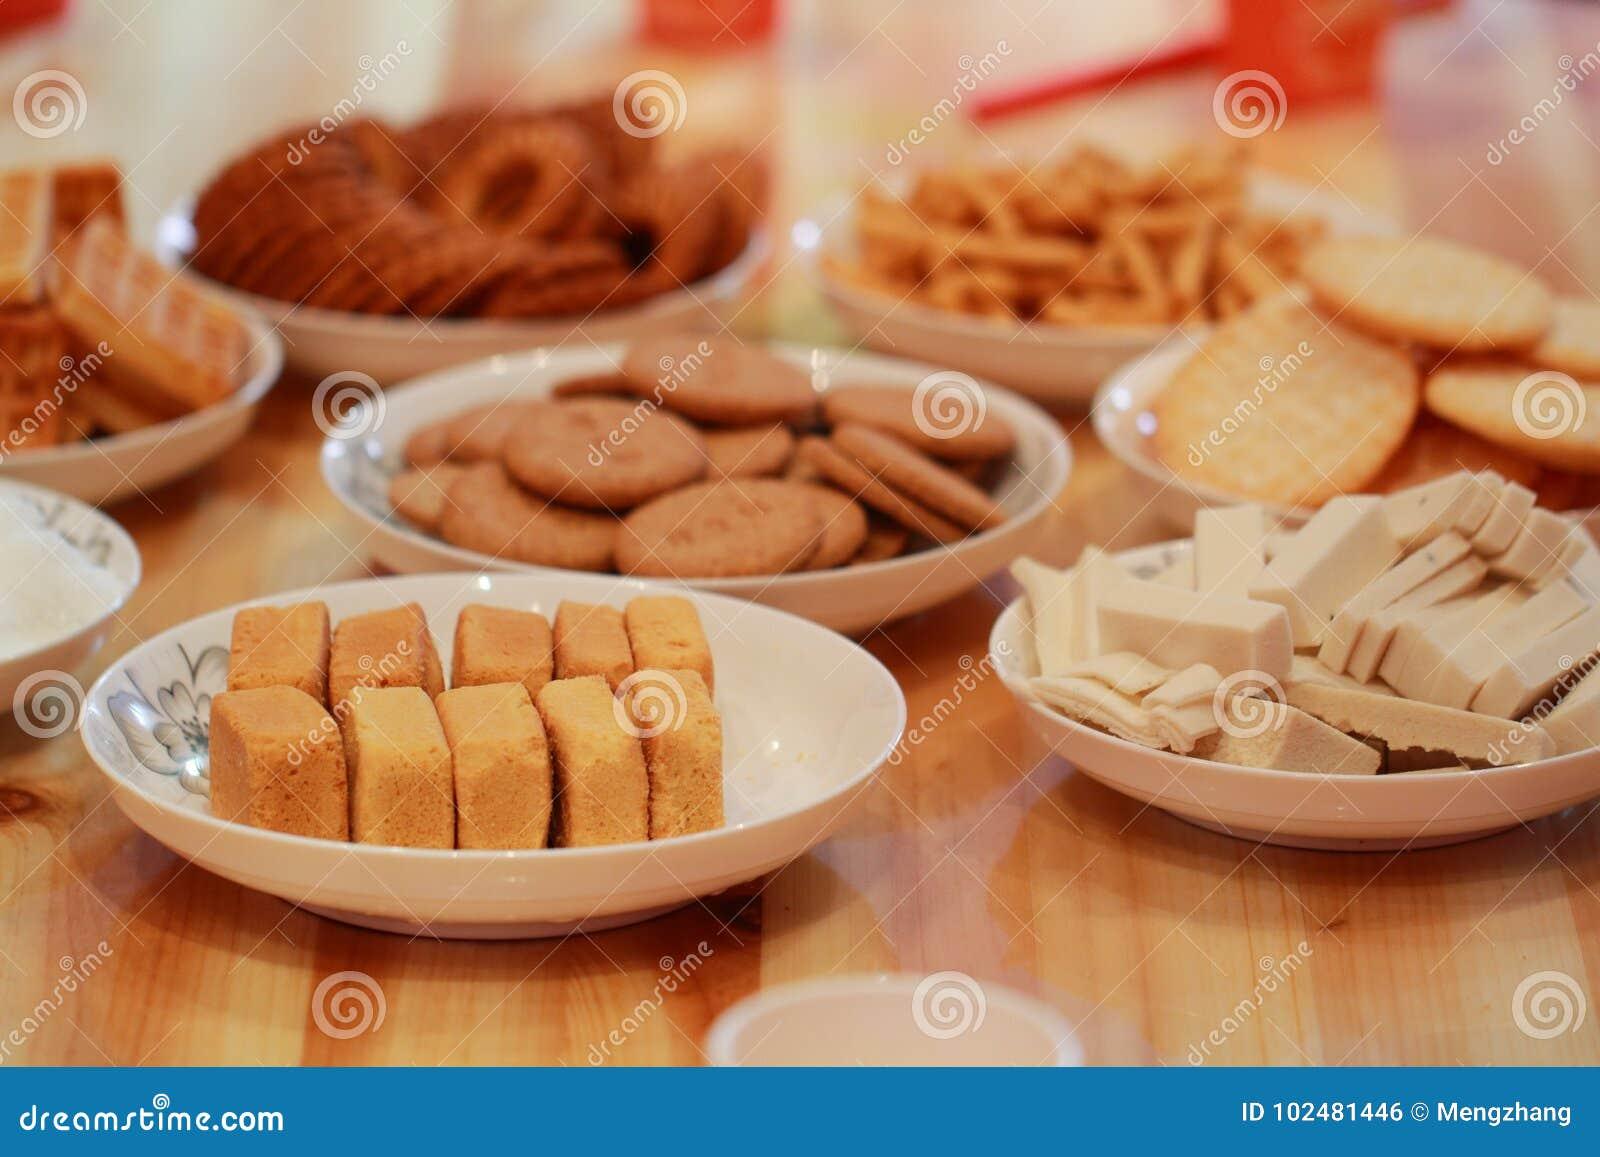 Dolci e pasticcerie di cinese per il giorno delle nozze